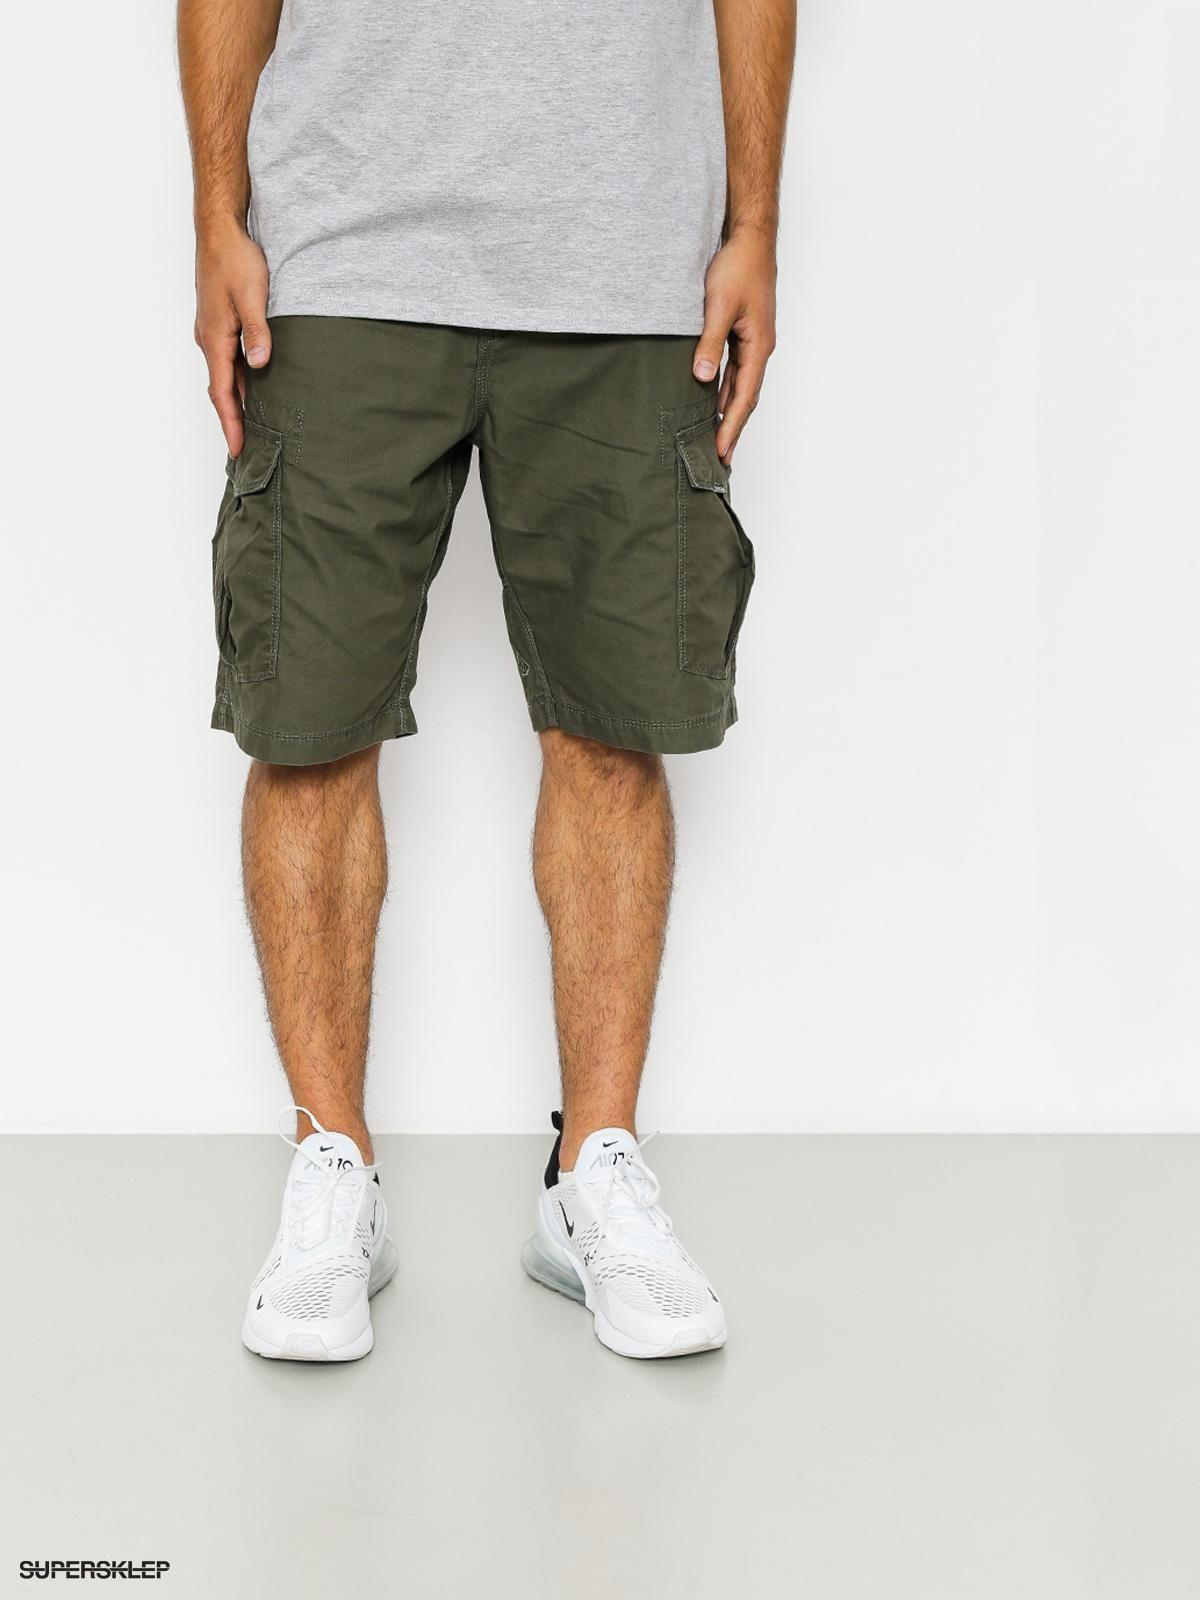 Stylkowe Szorty Z Sklepu Internetowego Supersklep Pl Cargo Shorts Mens Short Men